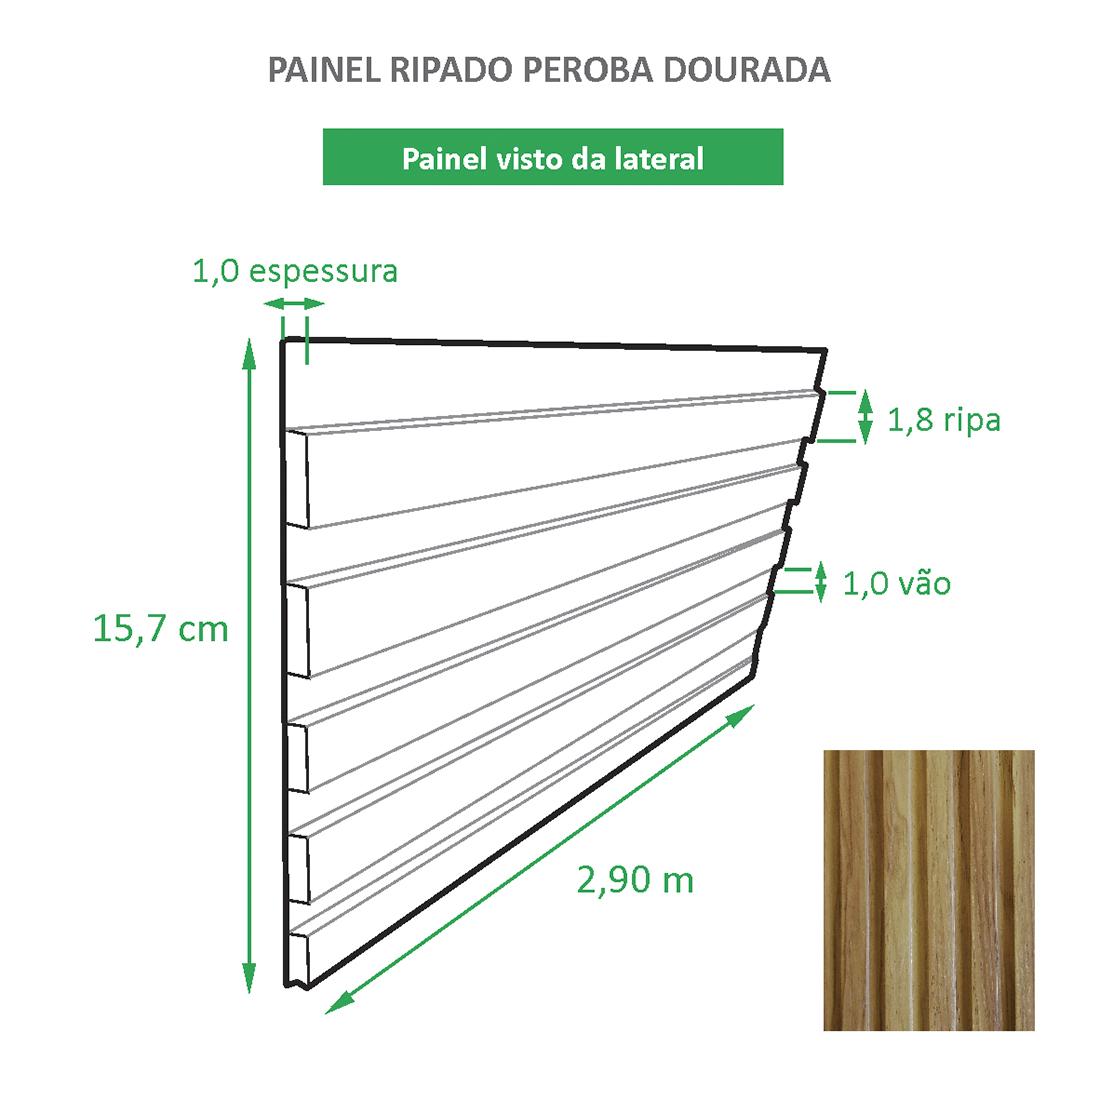 Painel Ripado Ecológico RENO Peroba Dourada - Novidade placa com 0,46m²